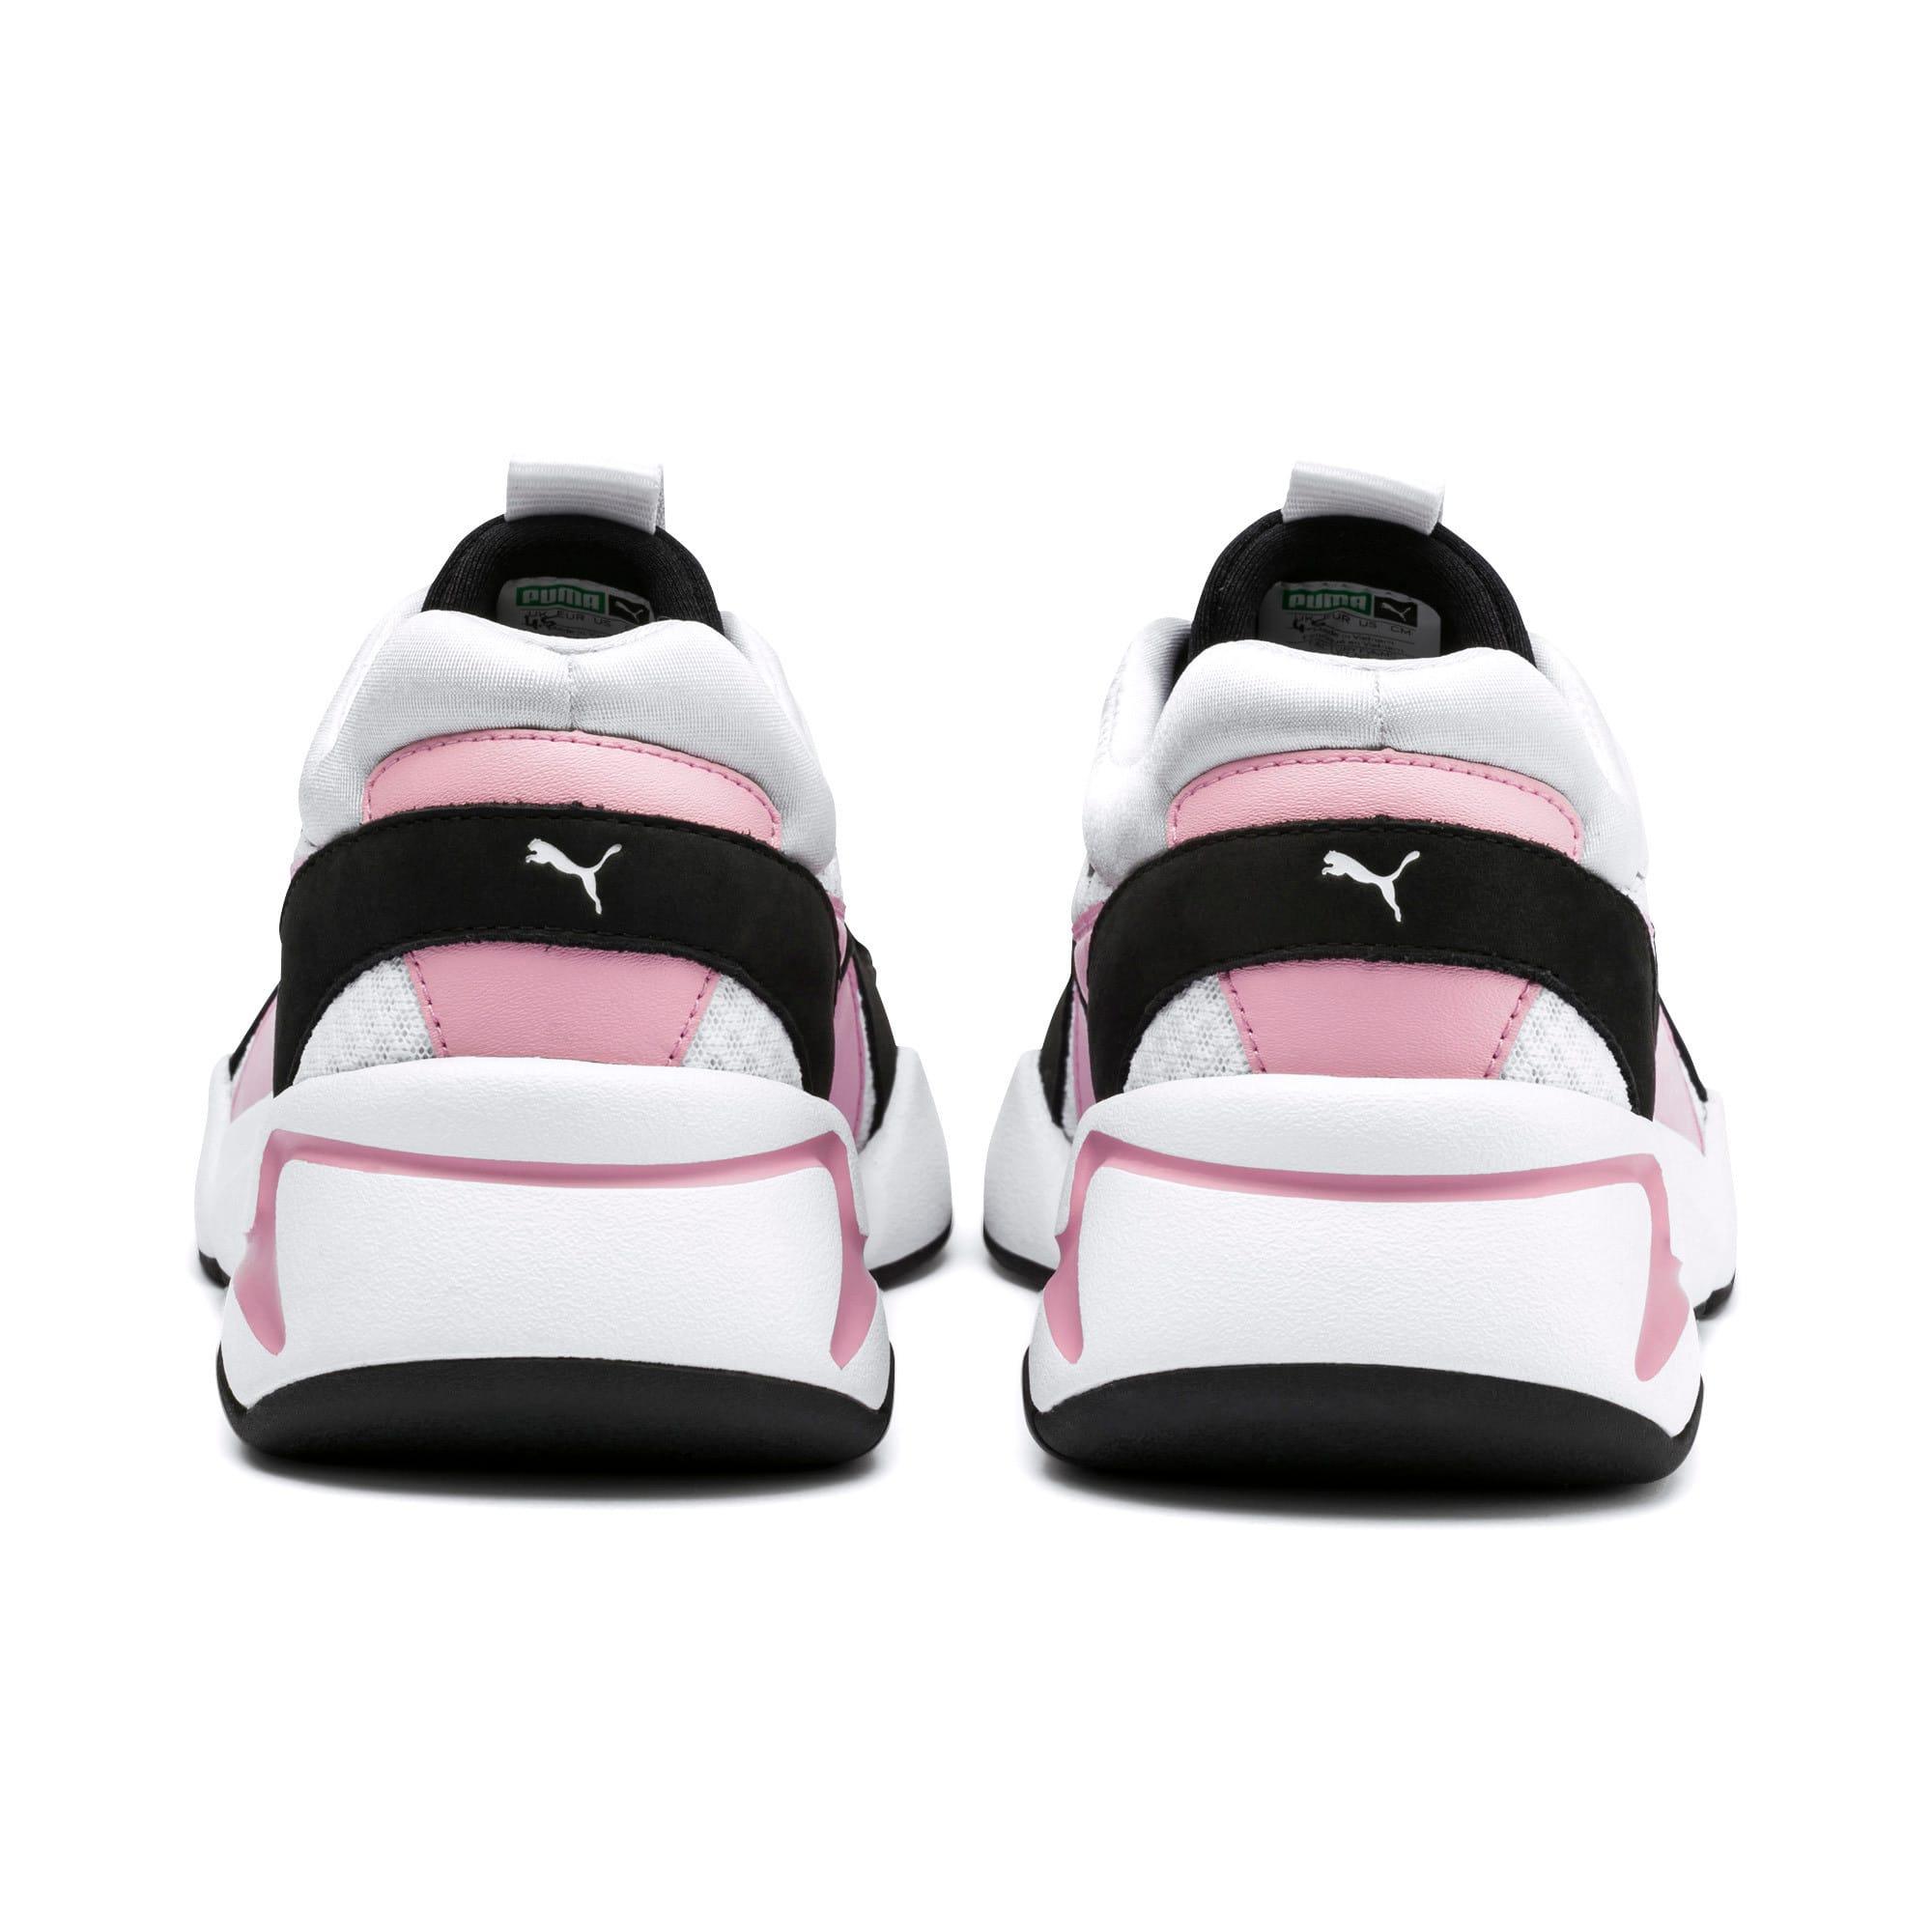 Miniatura 4 de Zapatos deportivos Nova '90s Bloc para mujer, Puma White-Pale Pink, mediano